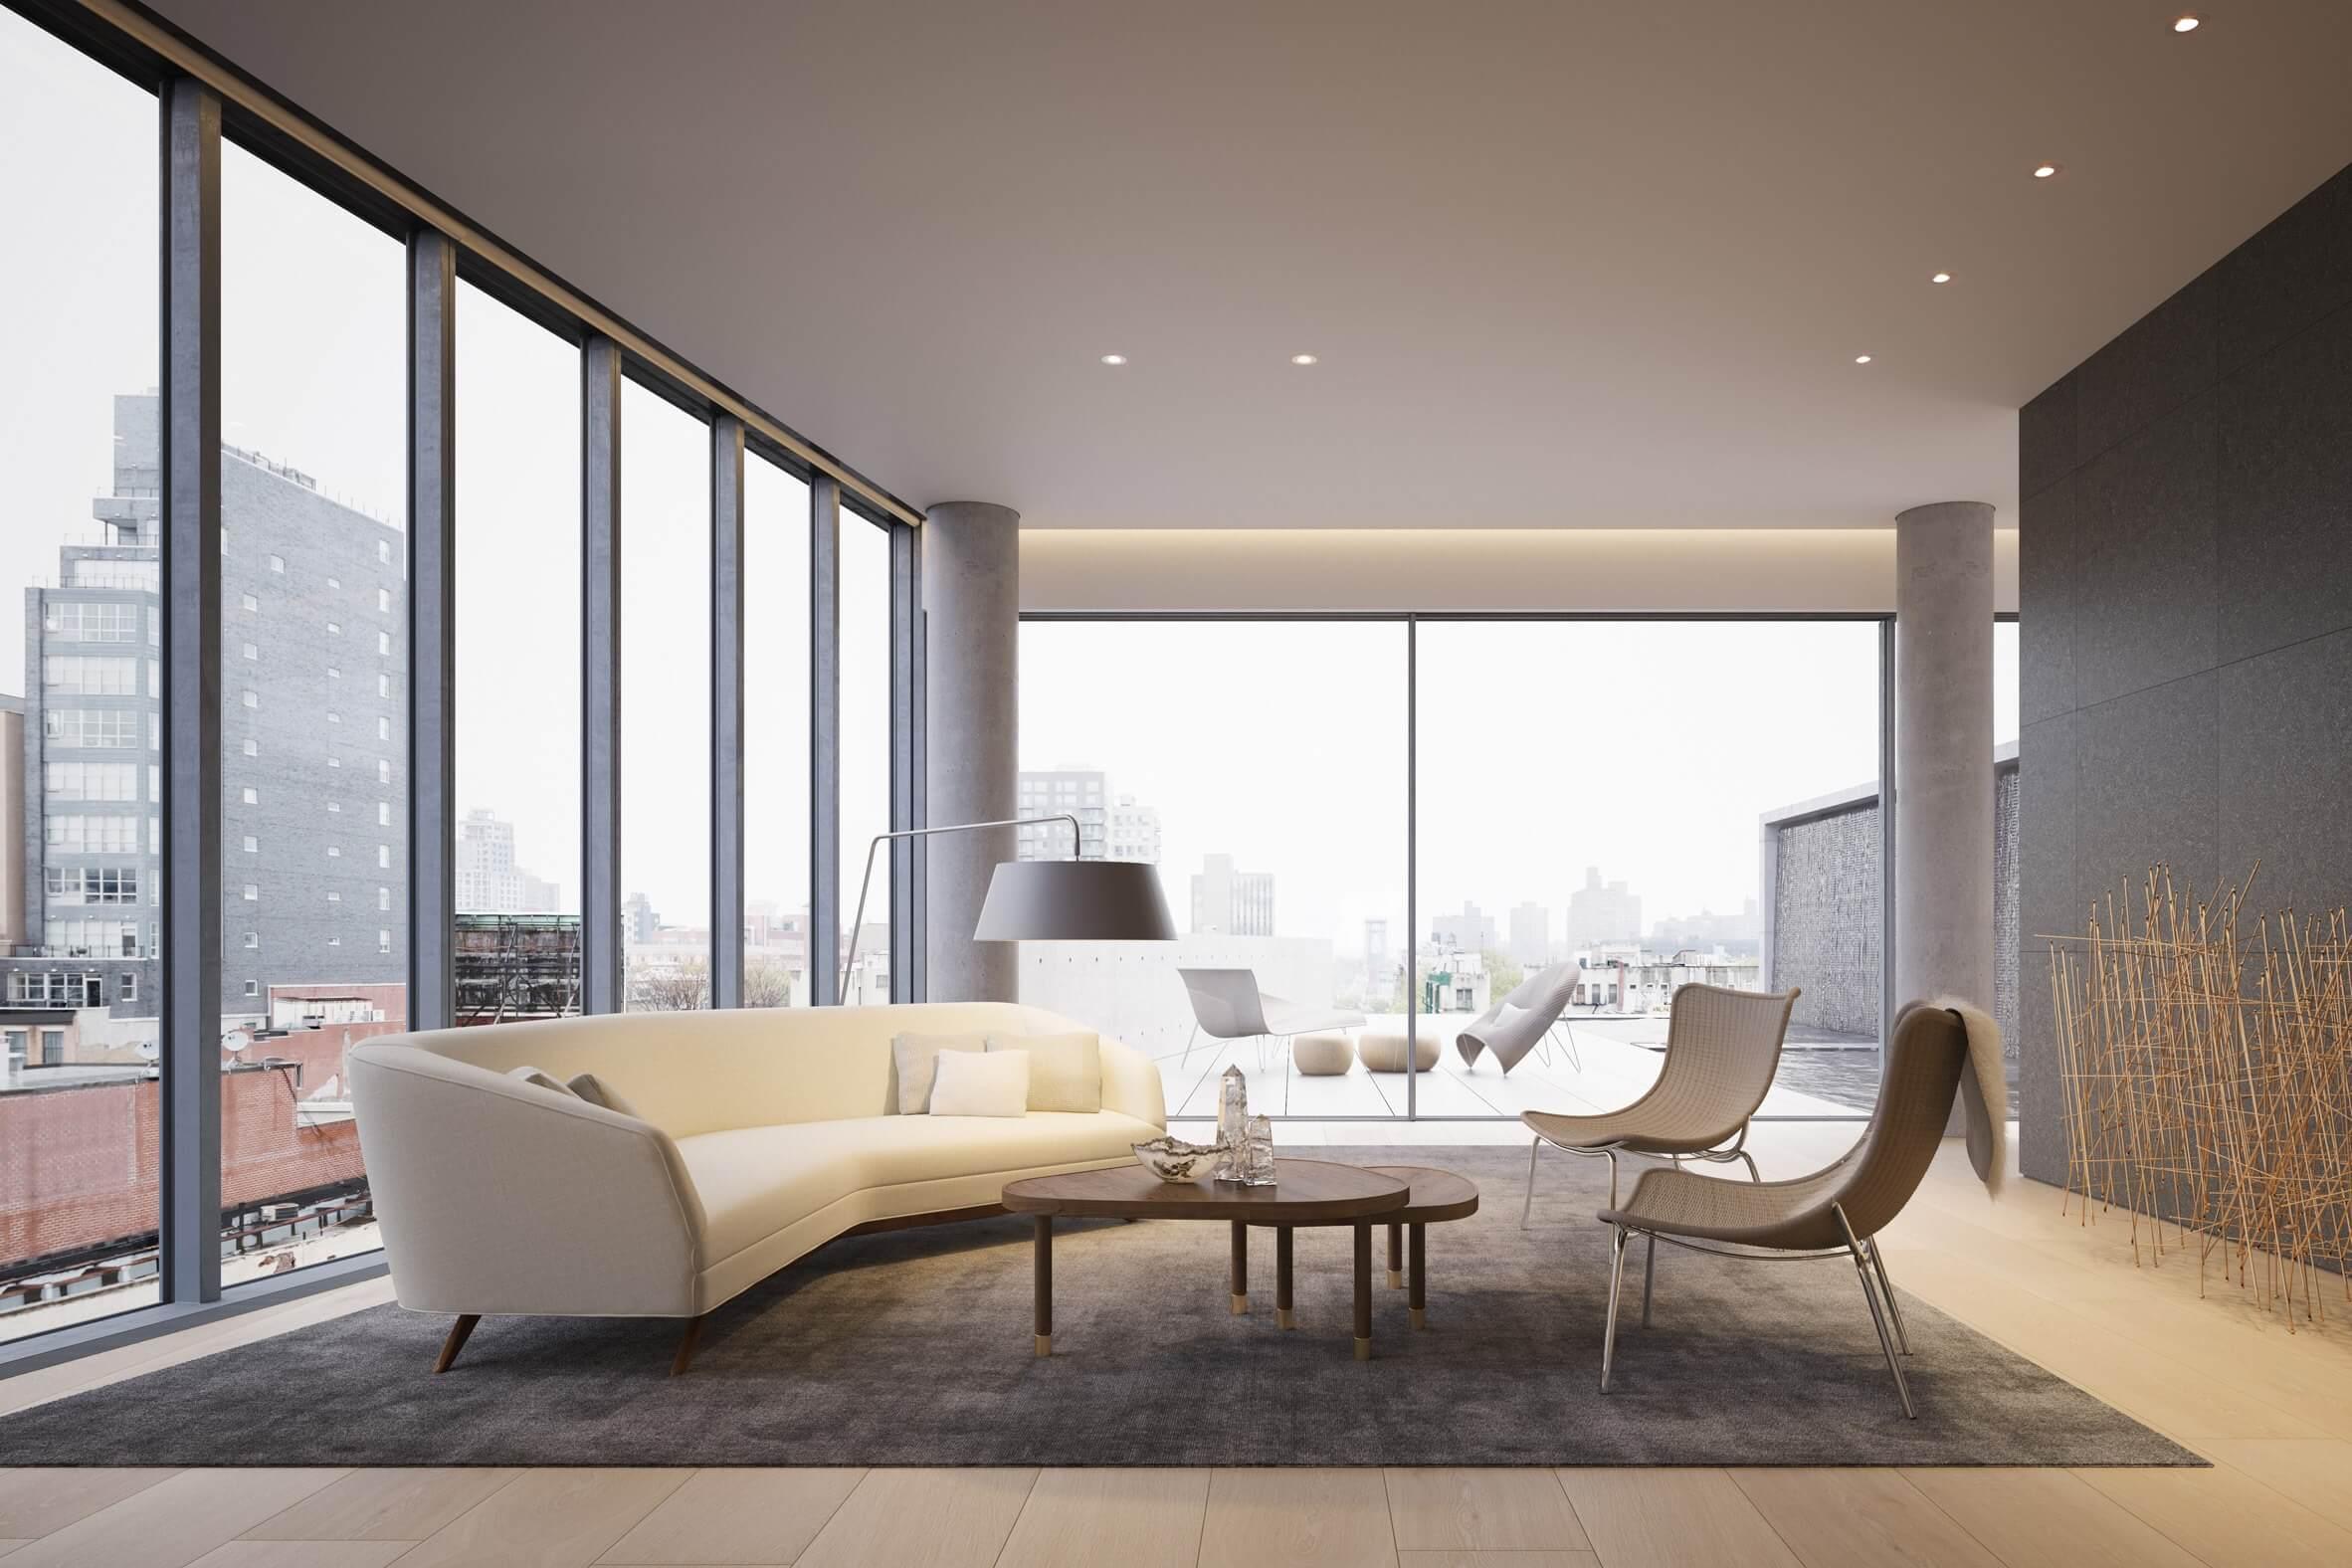 Những nguyên tắc khi thiết kế và thi công nội thất căn hộ